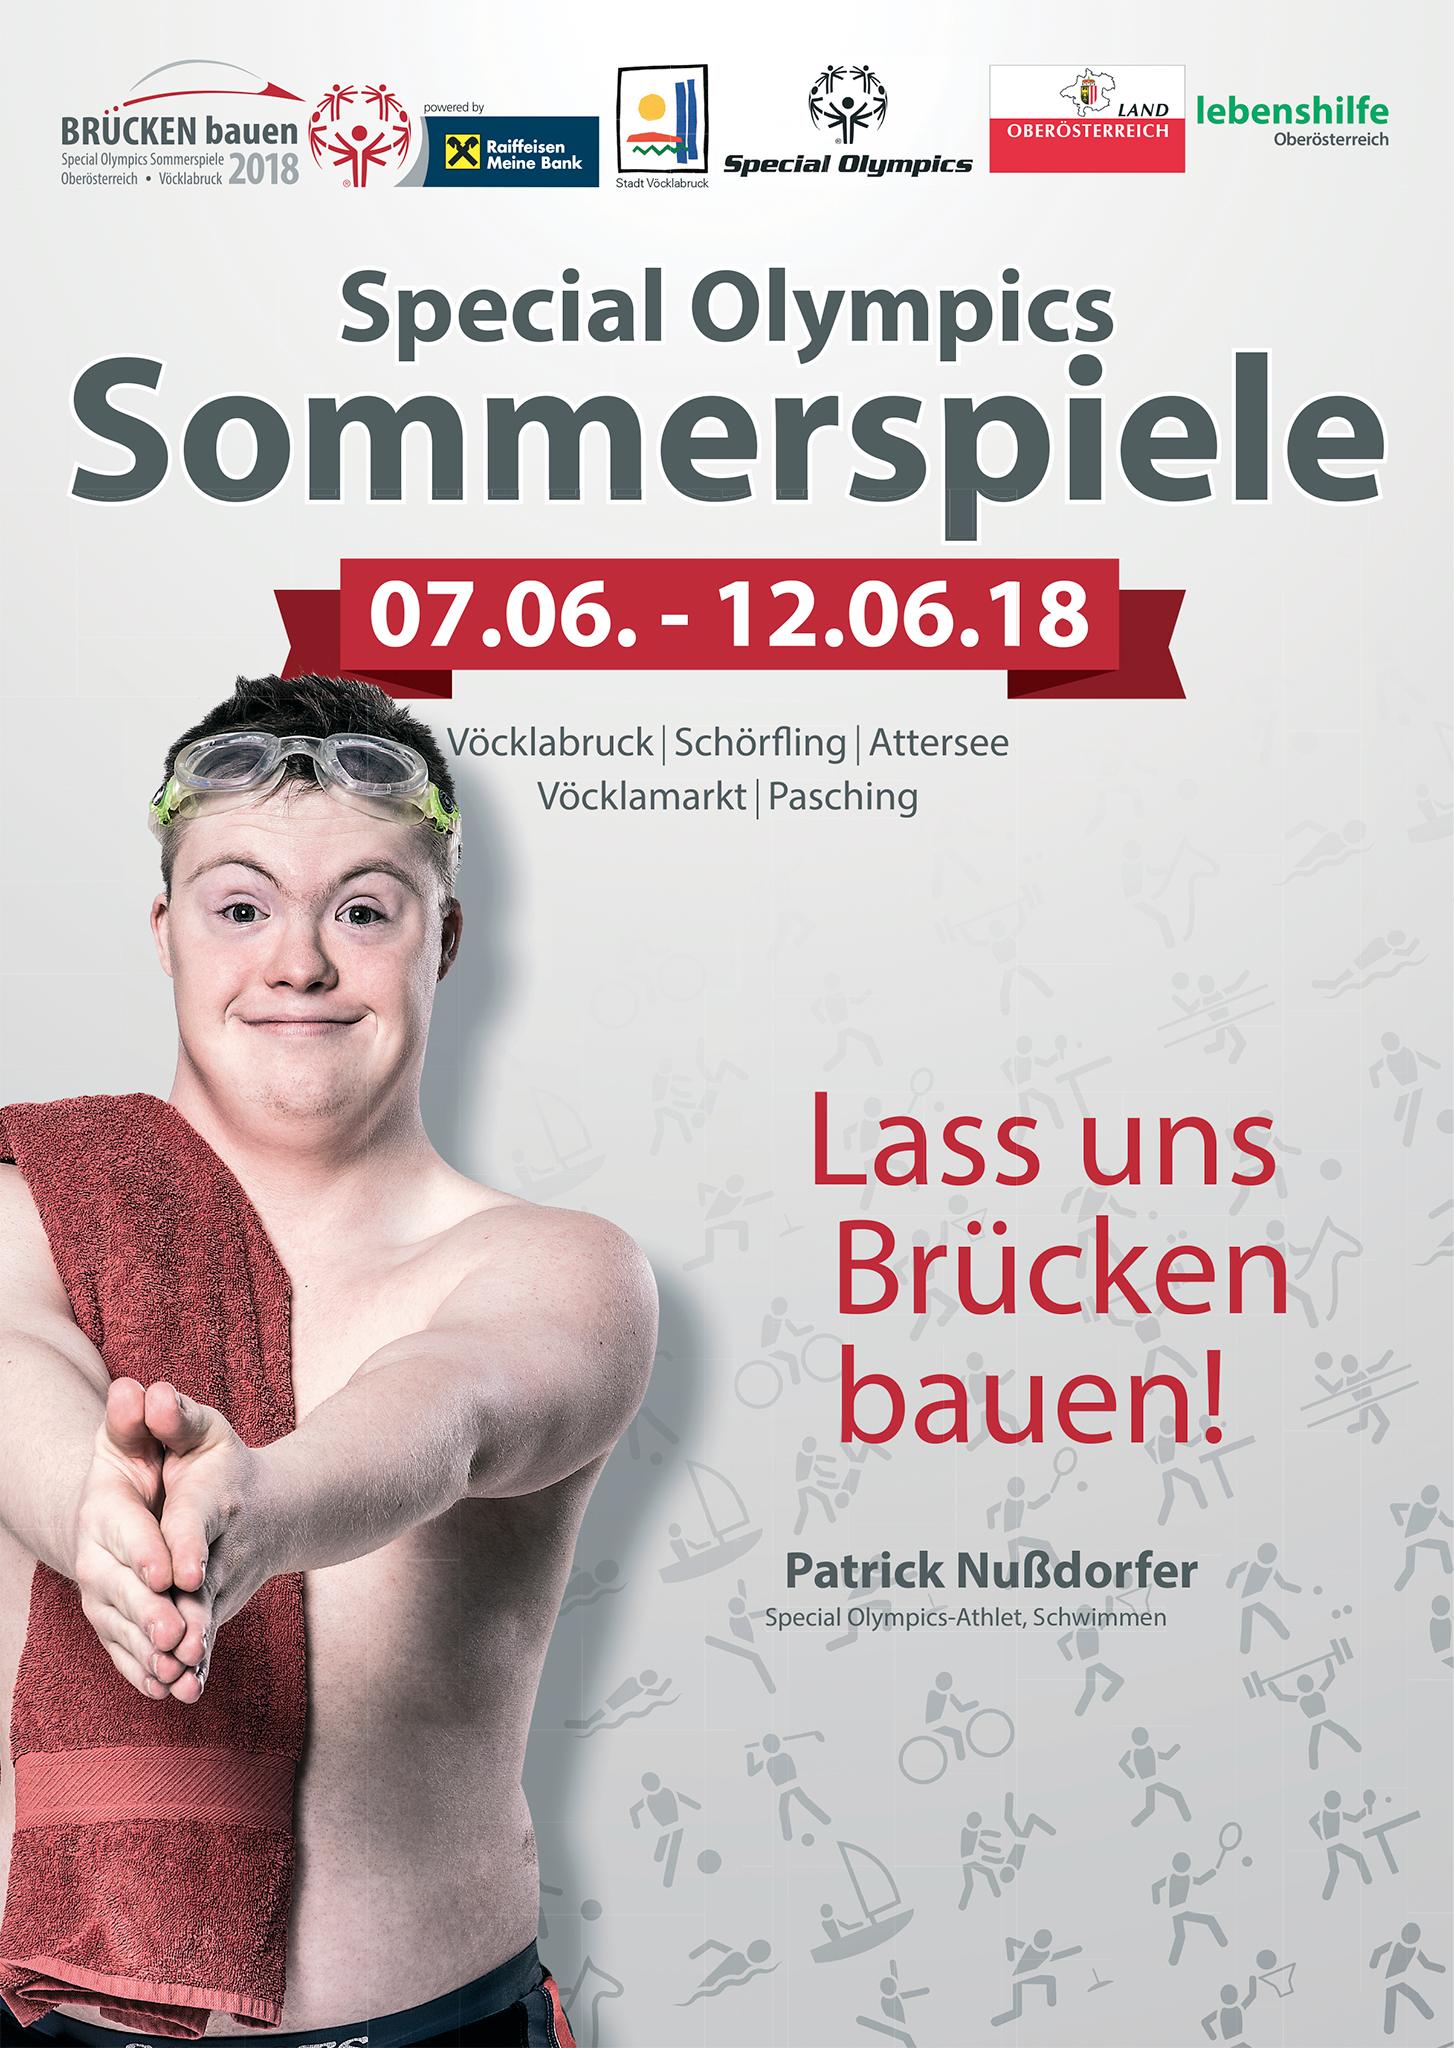 Plakate_A3_Brueckenbauen2018_7